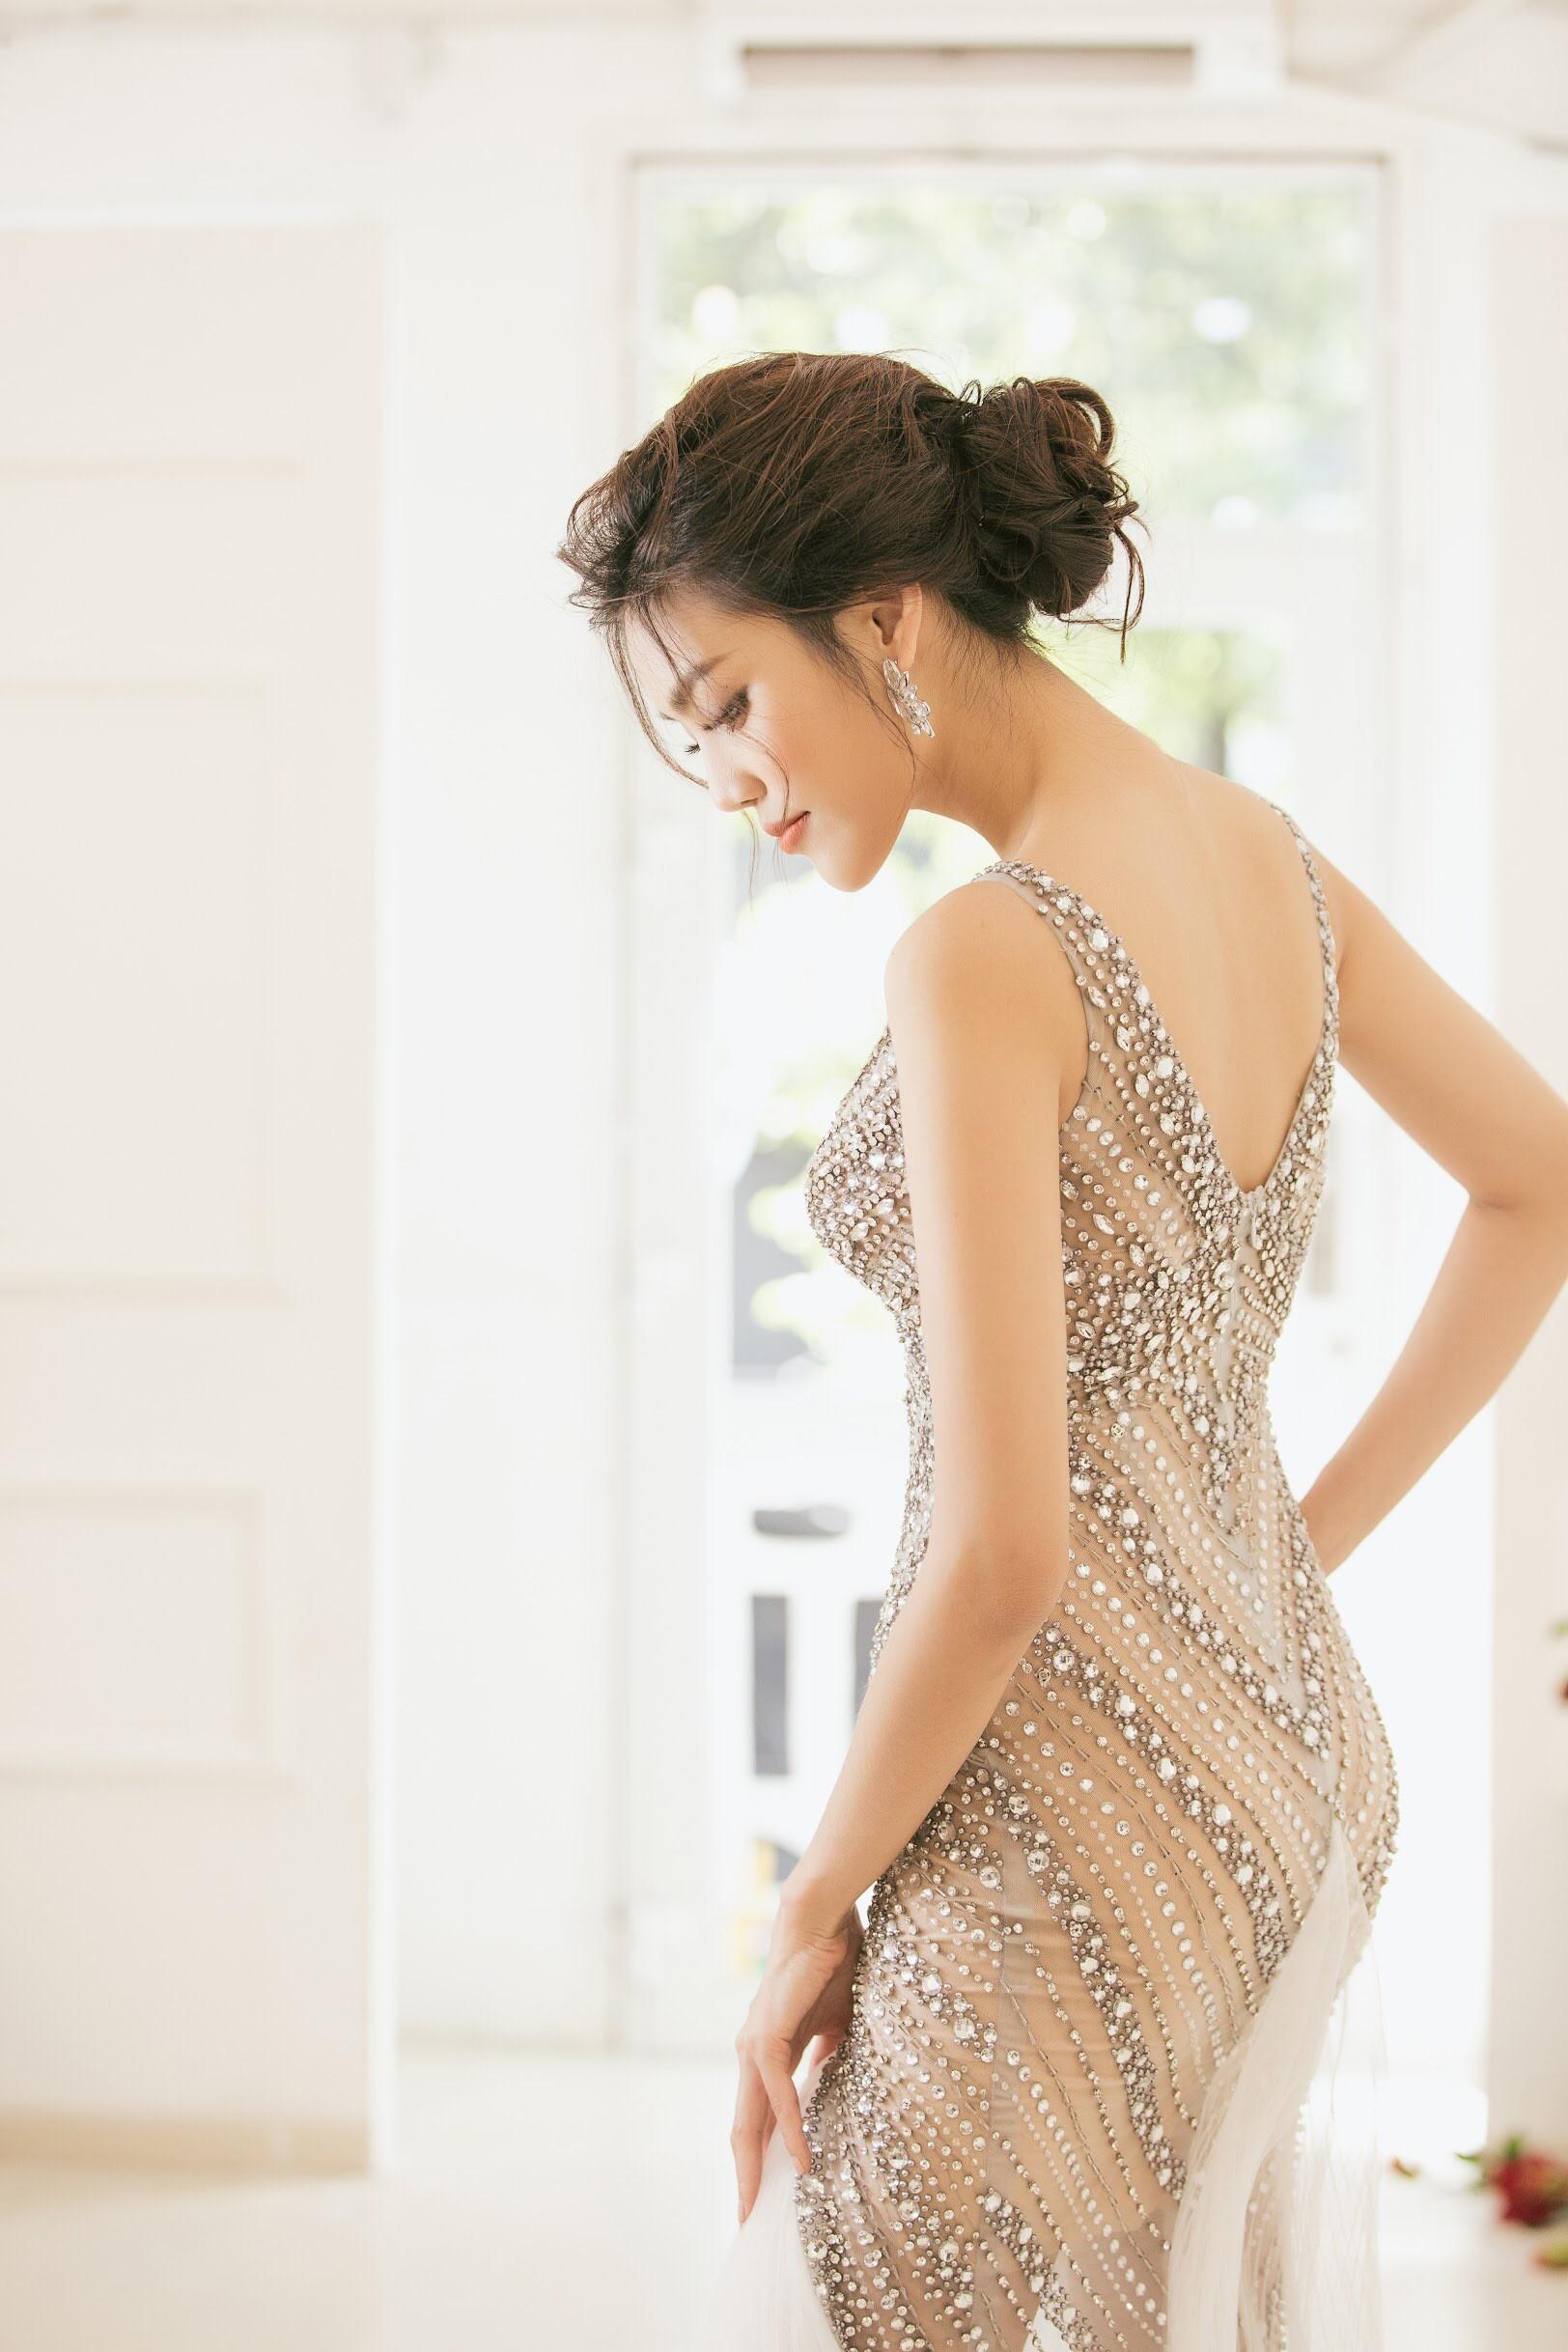 Trước 2 ngày lên xe hoa, loạt ảnh hậu trường thử váy cưới của Lan Khuê chính thức hé lộ - Ảnh 5.